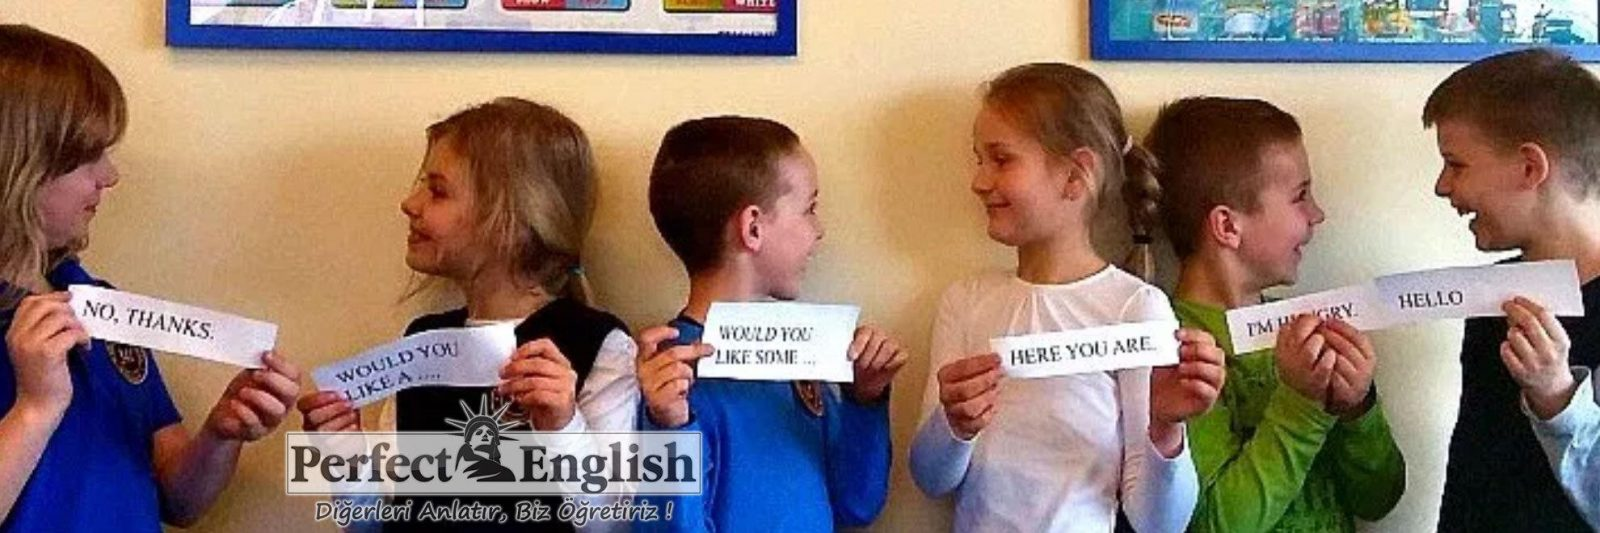 Hiç Para Harcamadan Yeni Bir Dil Öğrenmek Mümkün